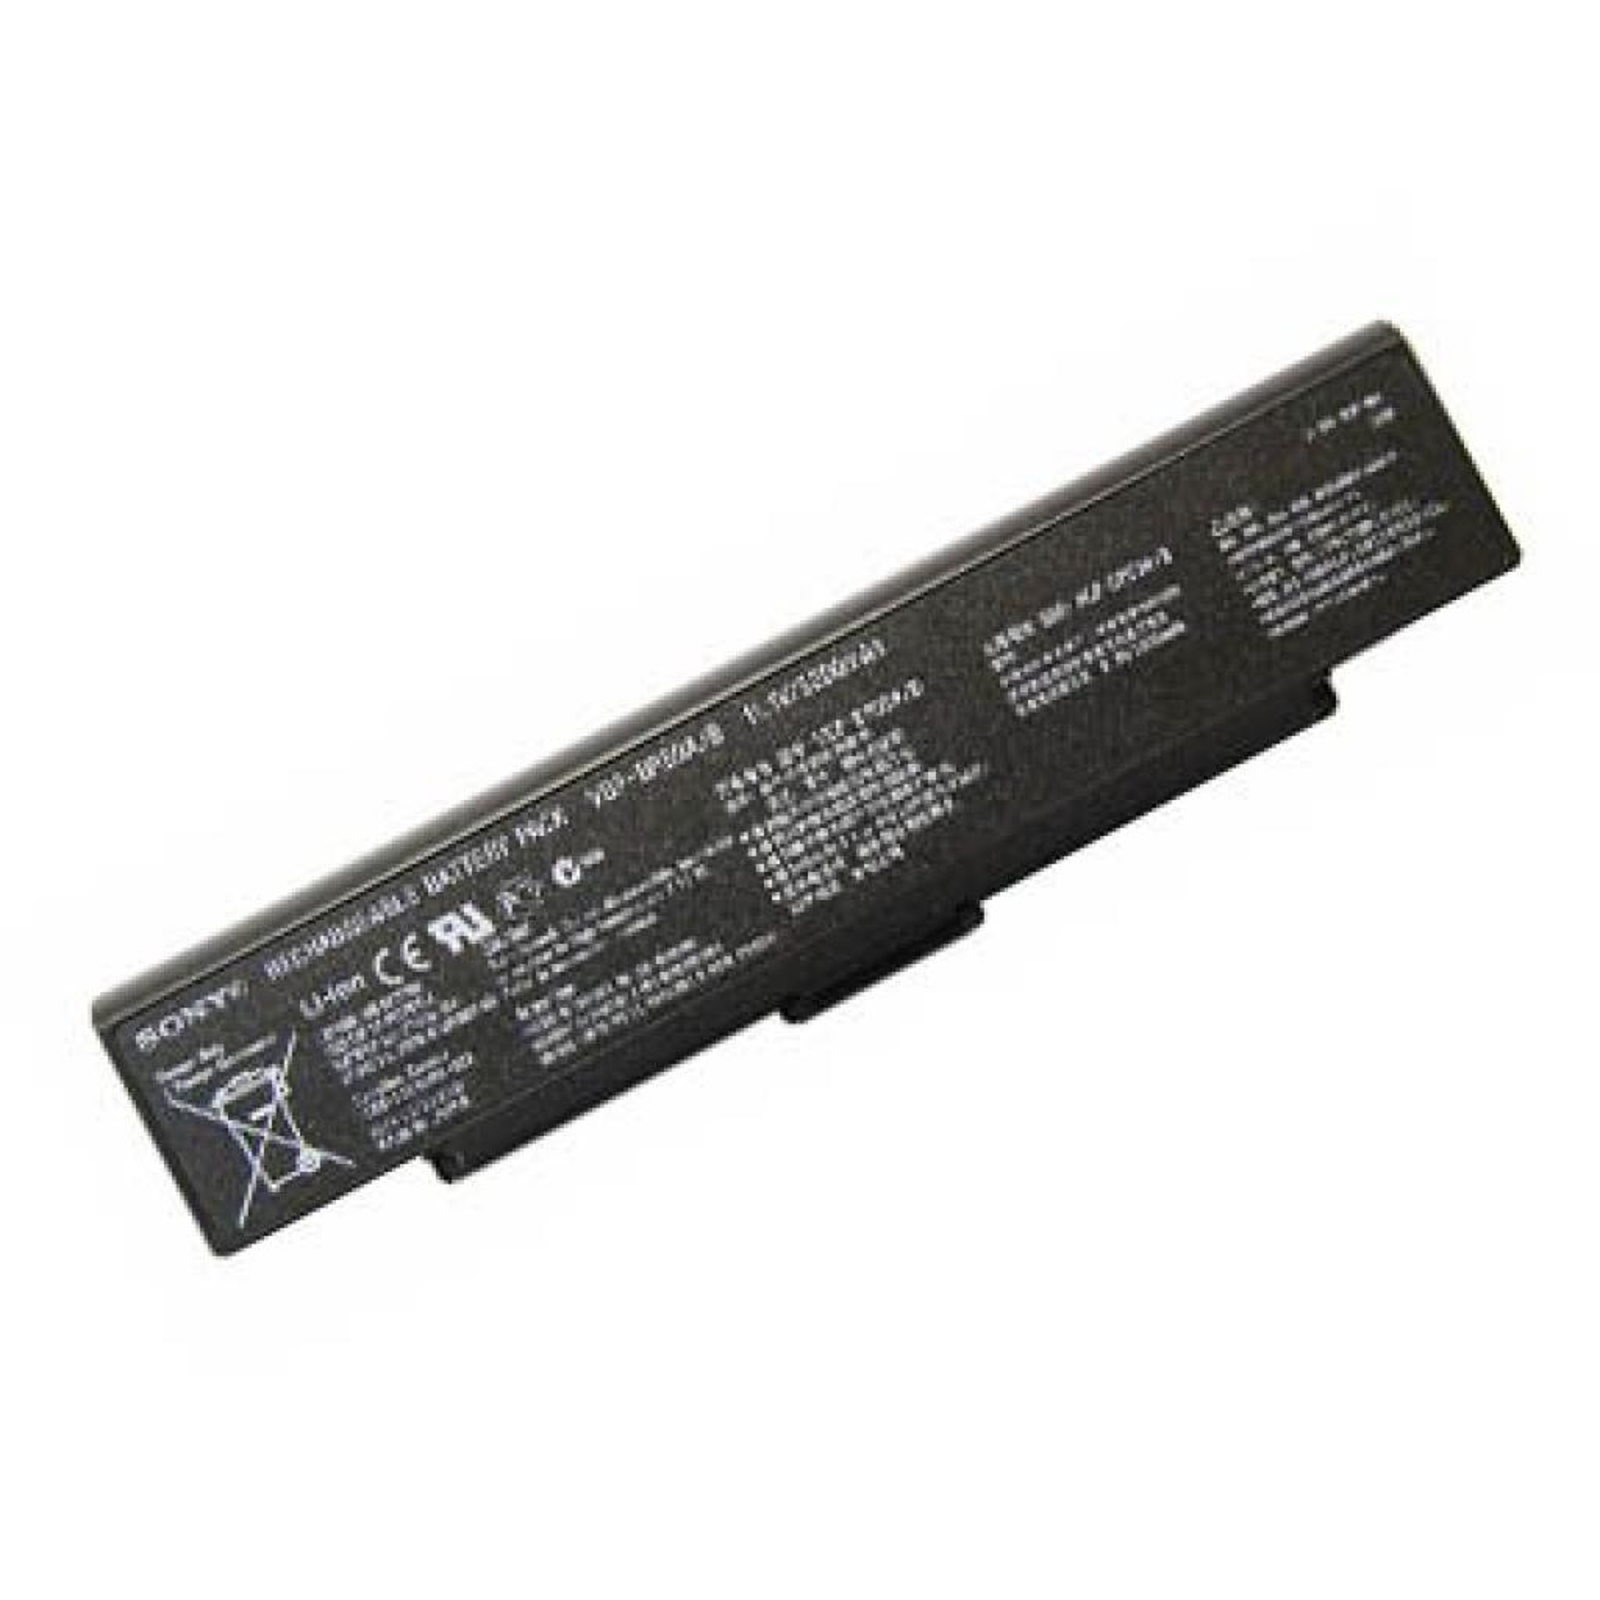 Аккумулятор для ноутбука SONY VGP-BPS9AB VAIO VGN-NR260E (VGP-BPS9A 0B 52)